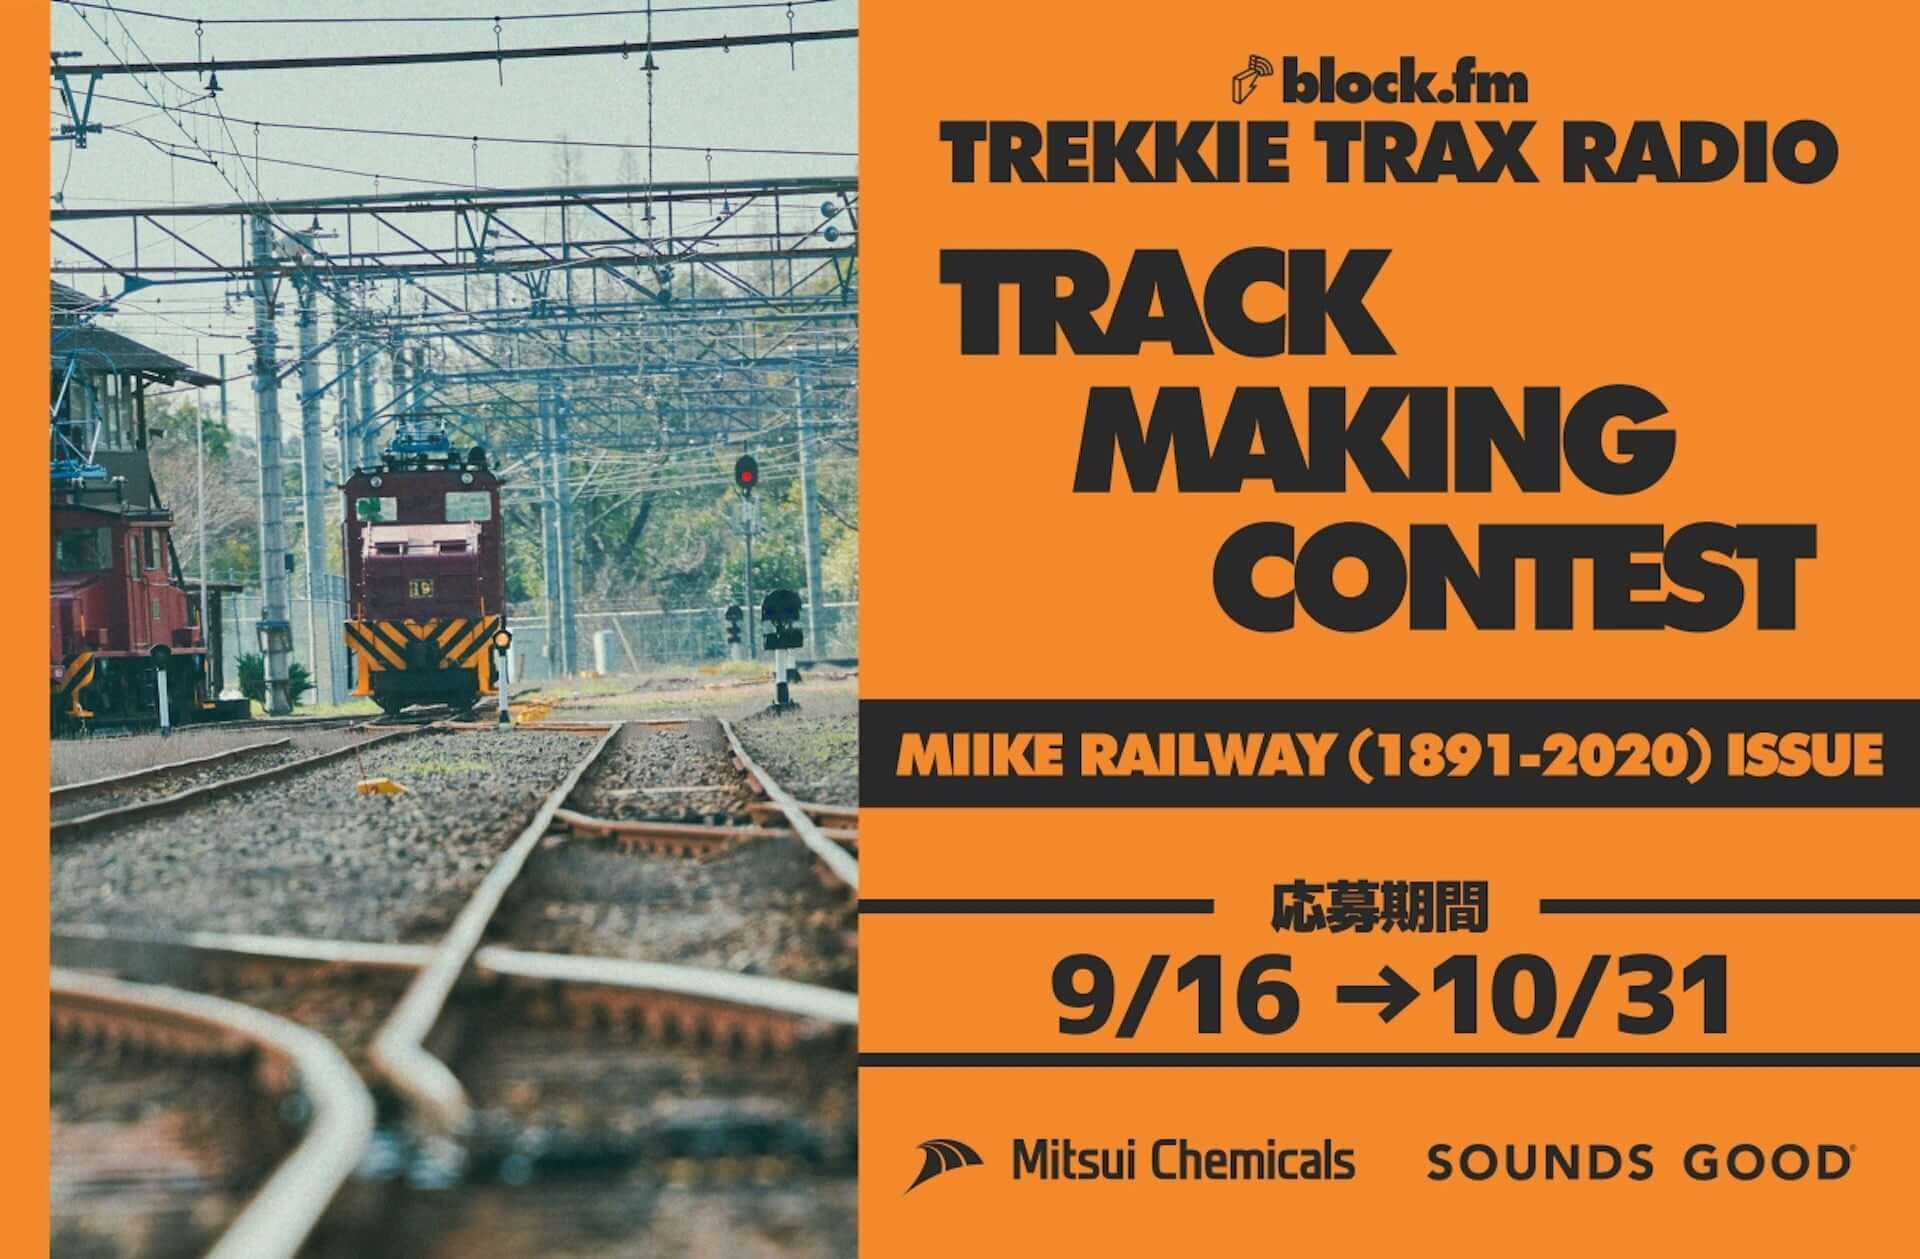 """炭鉱電車の""""音""""を使った楽曲制作コンテストがblock.fm『TREKKIE TRAX RADIO』にて開催!最優秀作品は〈TREKKIE TRAX〉よりリリース music200917_track-making-contest_5-1920x1259"""